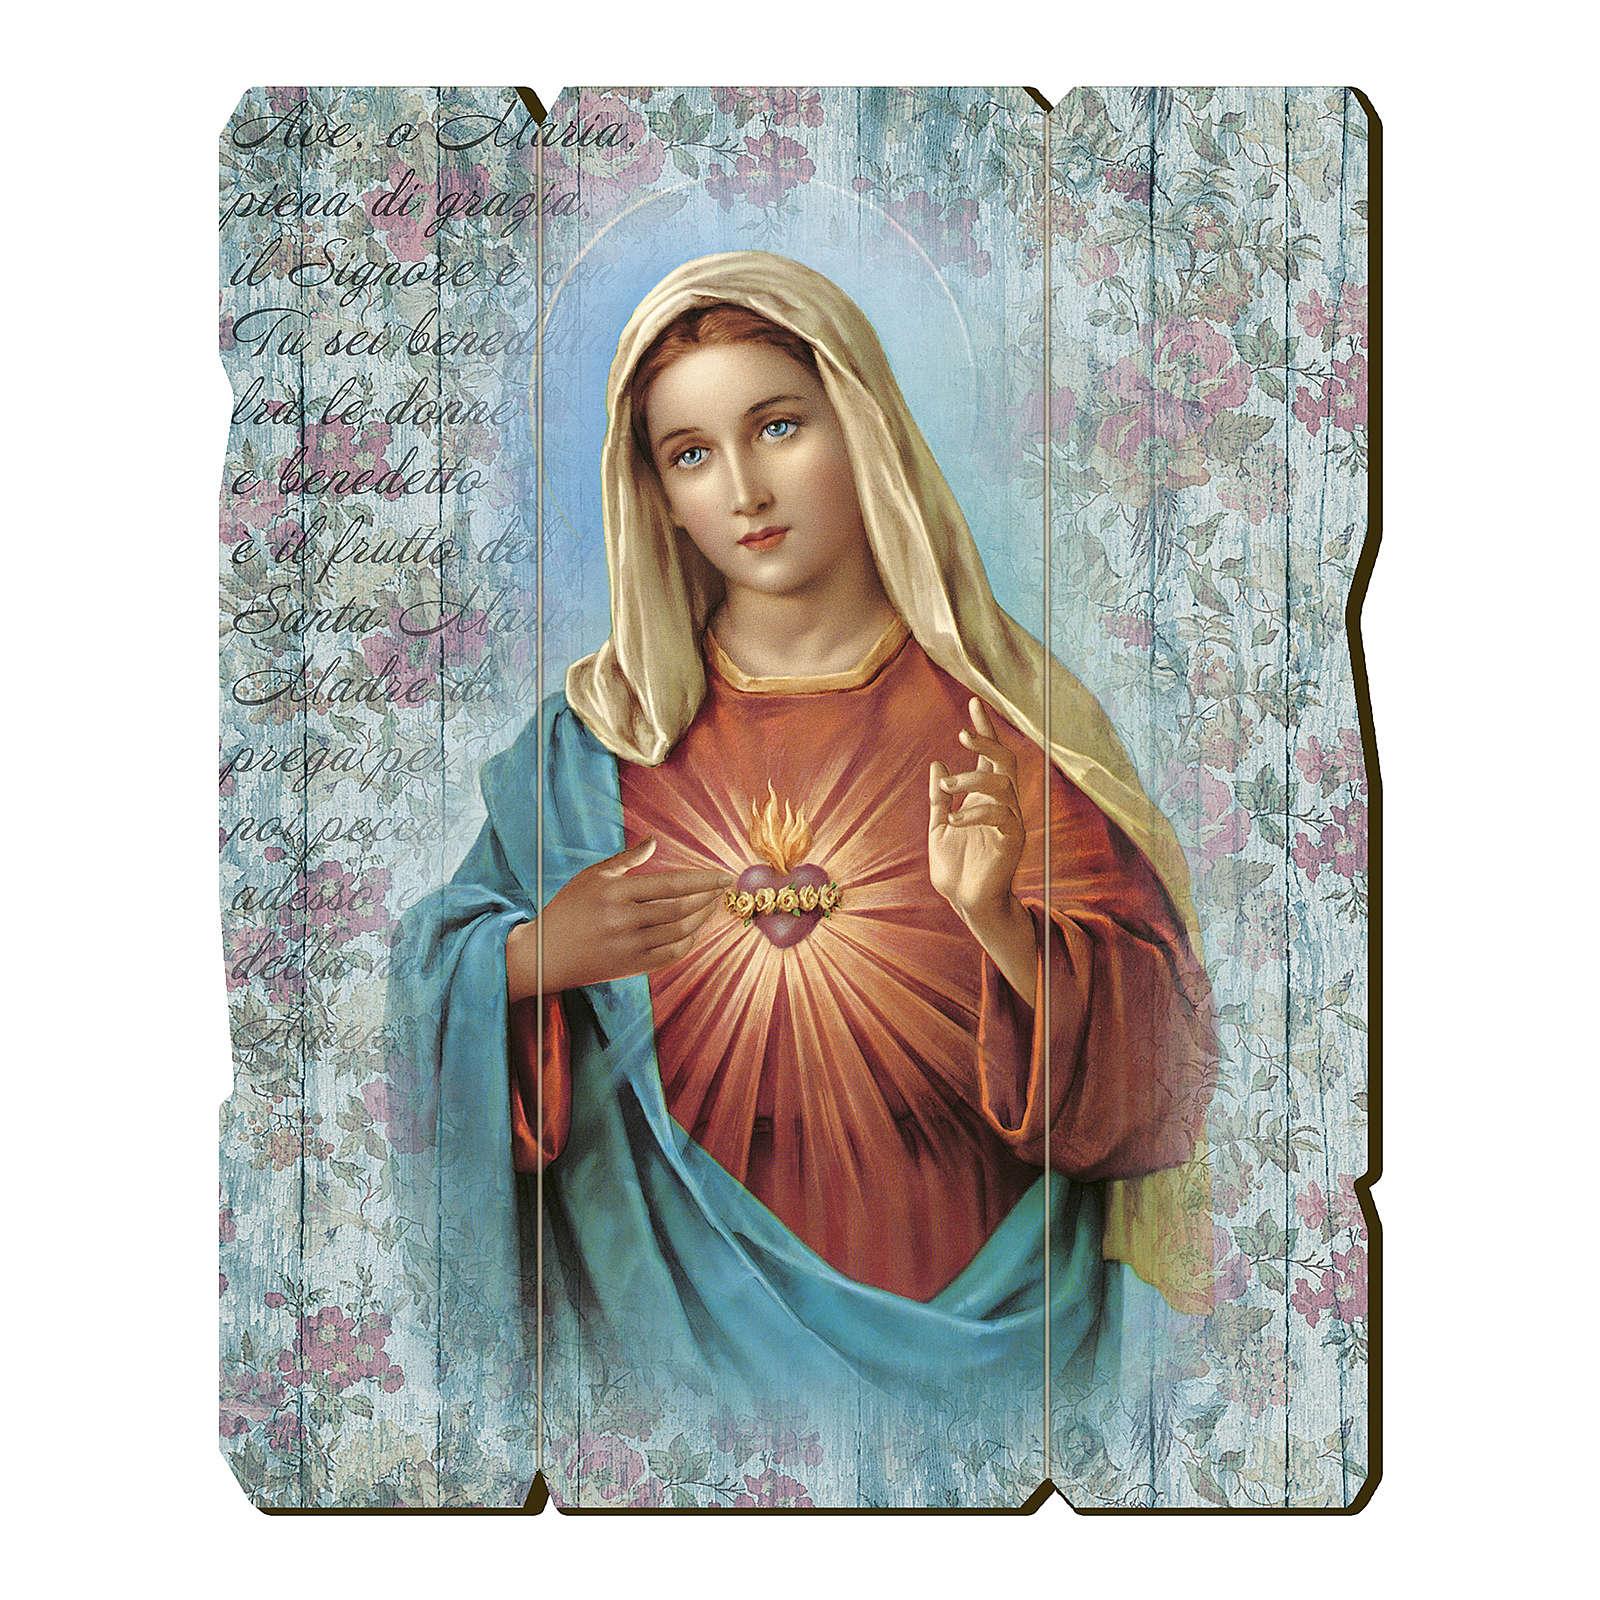 Cuadro madera perfilada gancho parte posterior Corazón Inmaculado María 3